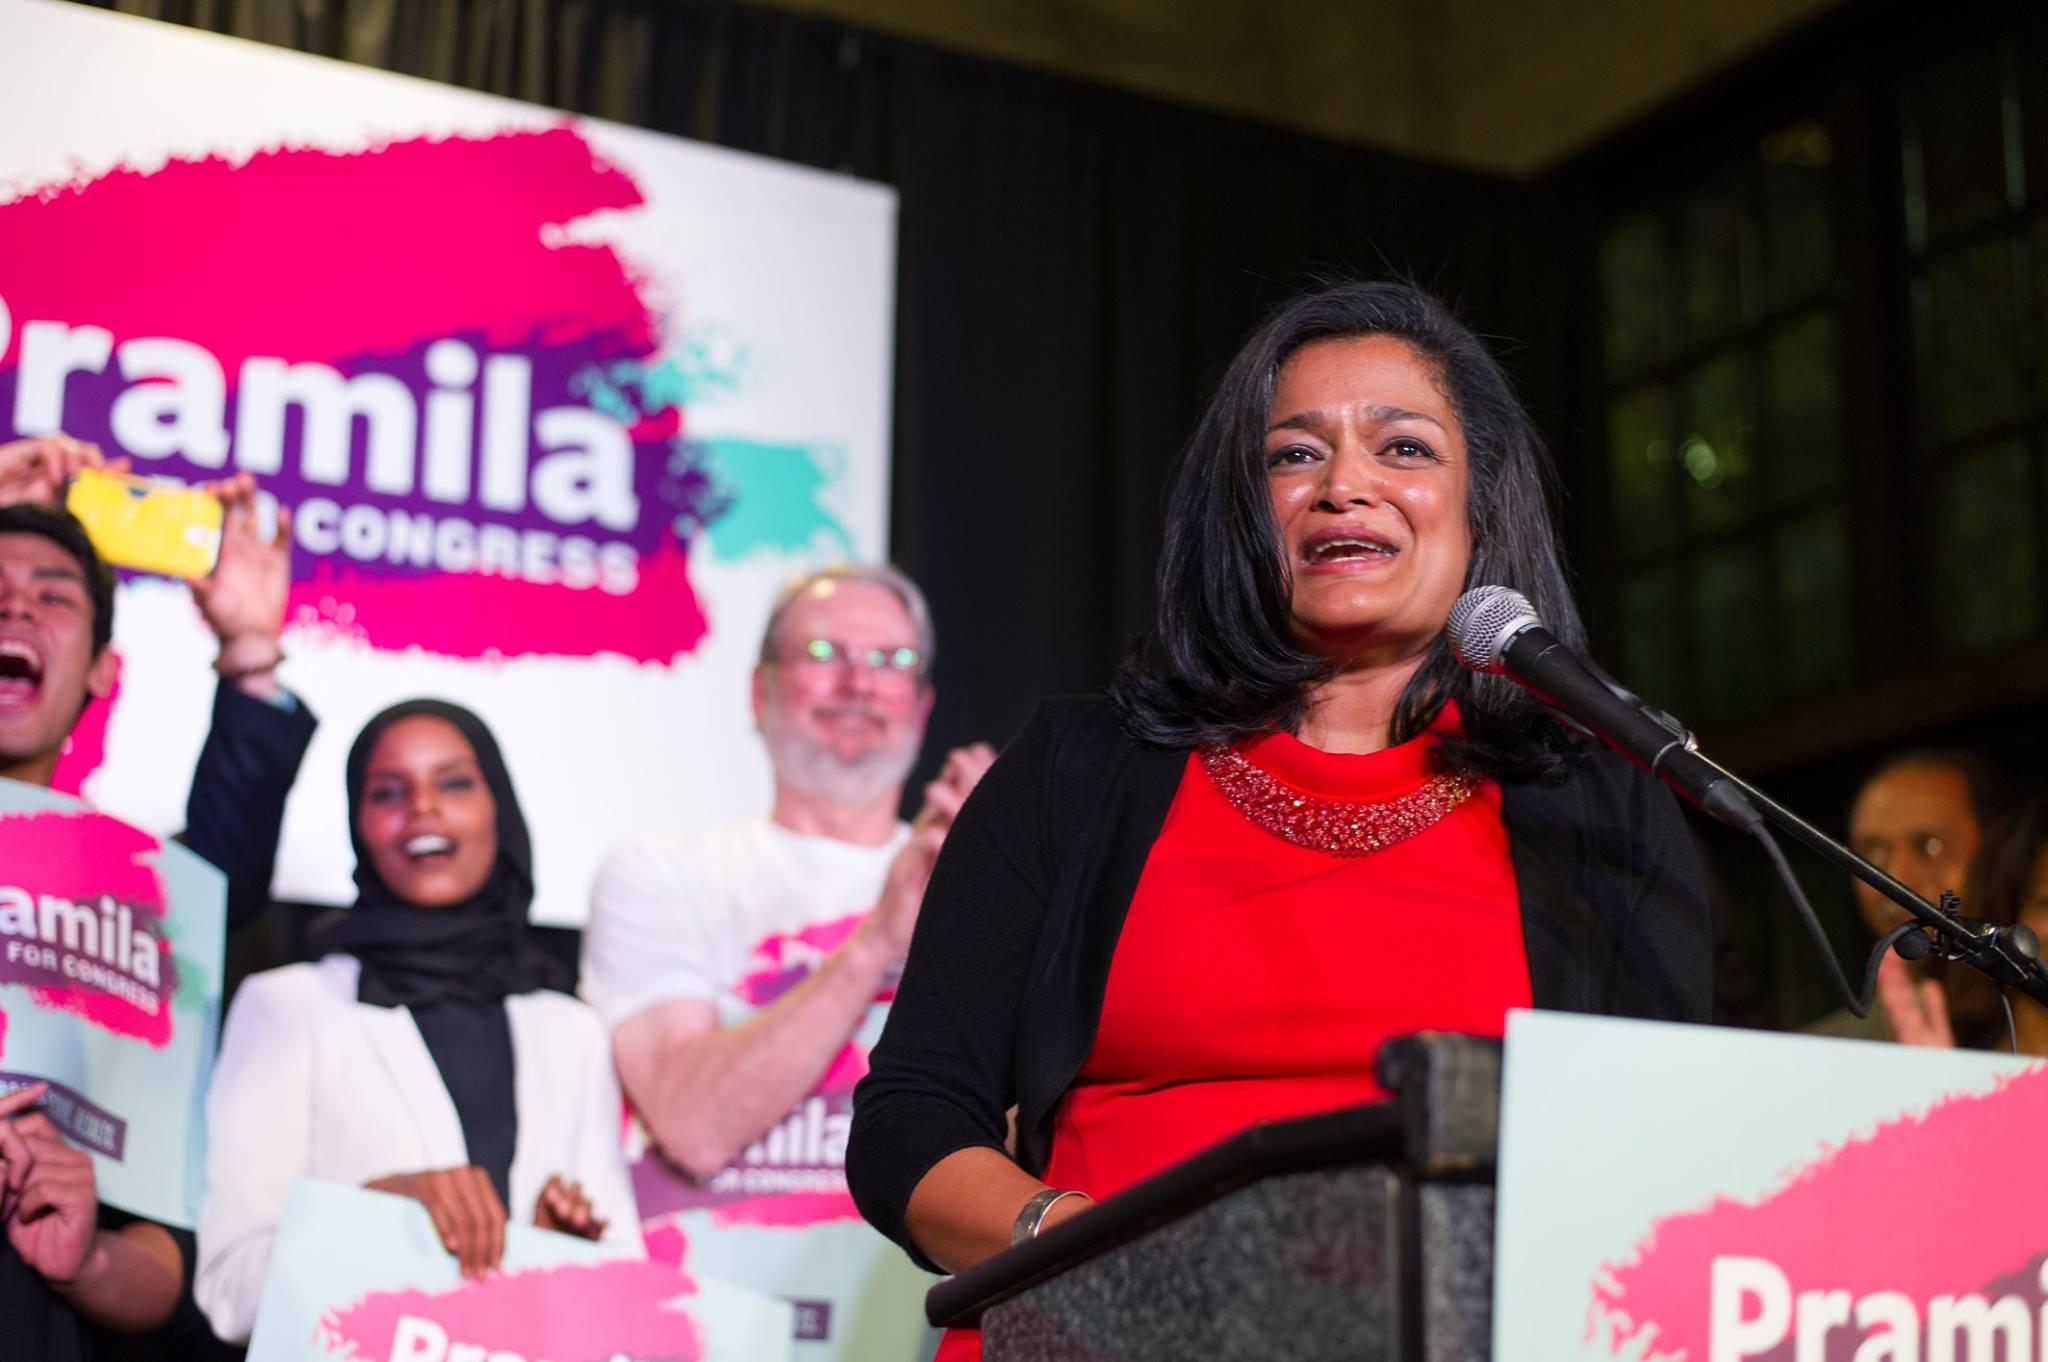 Stand with Pramila Jayapal